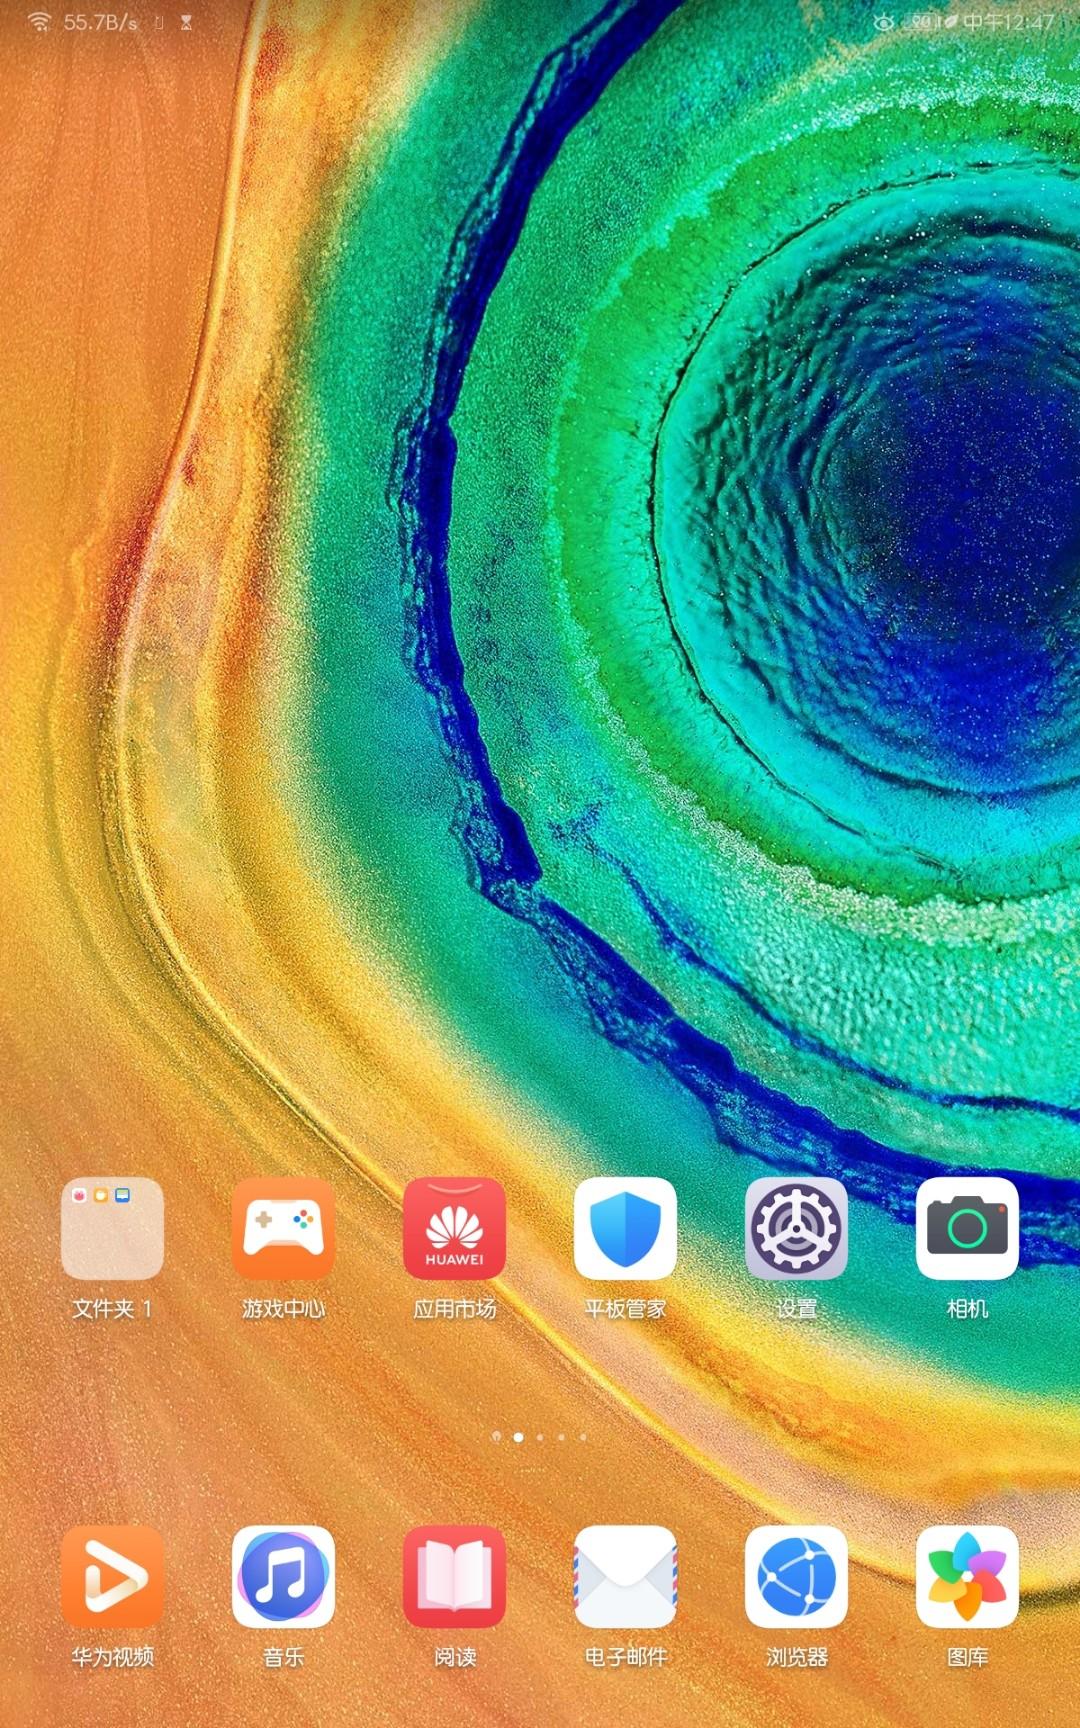 Screenshot_20200523_124756_com.huawei.android.launcher.jpg